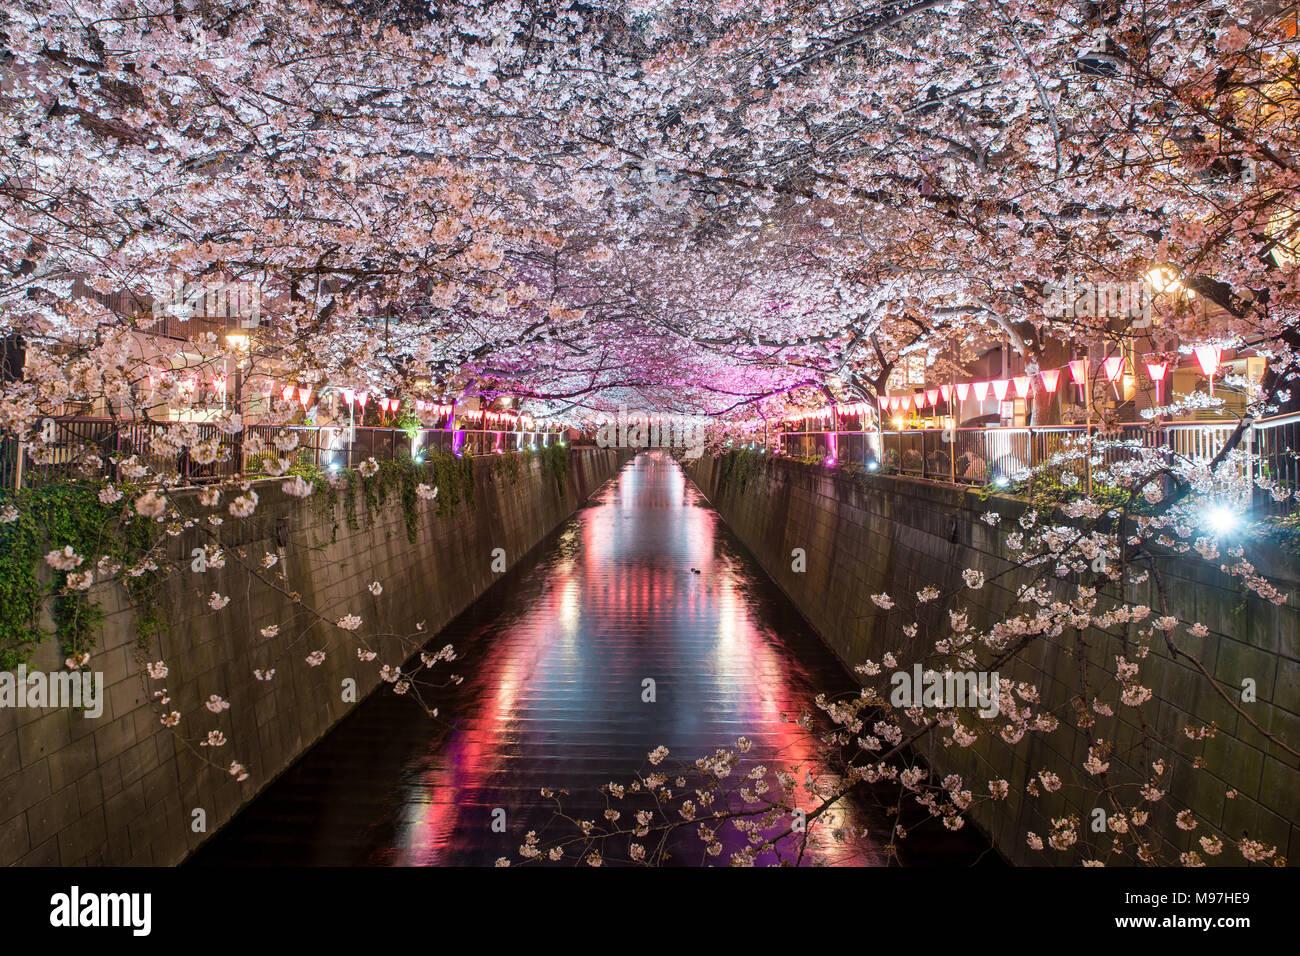 Kirschblüte ausgekleidet Meguro Kanal in der Nacht in Tokio, Japan. Frühling im April in Tokio, Japan. Stockfoto